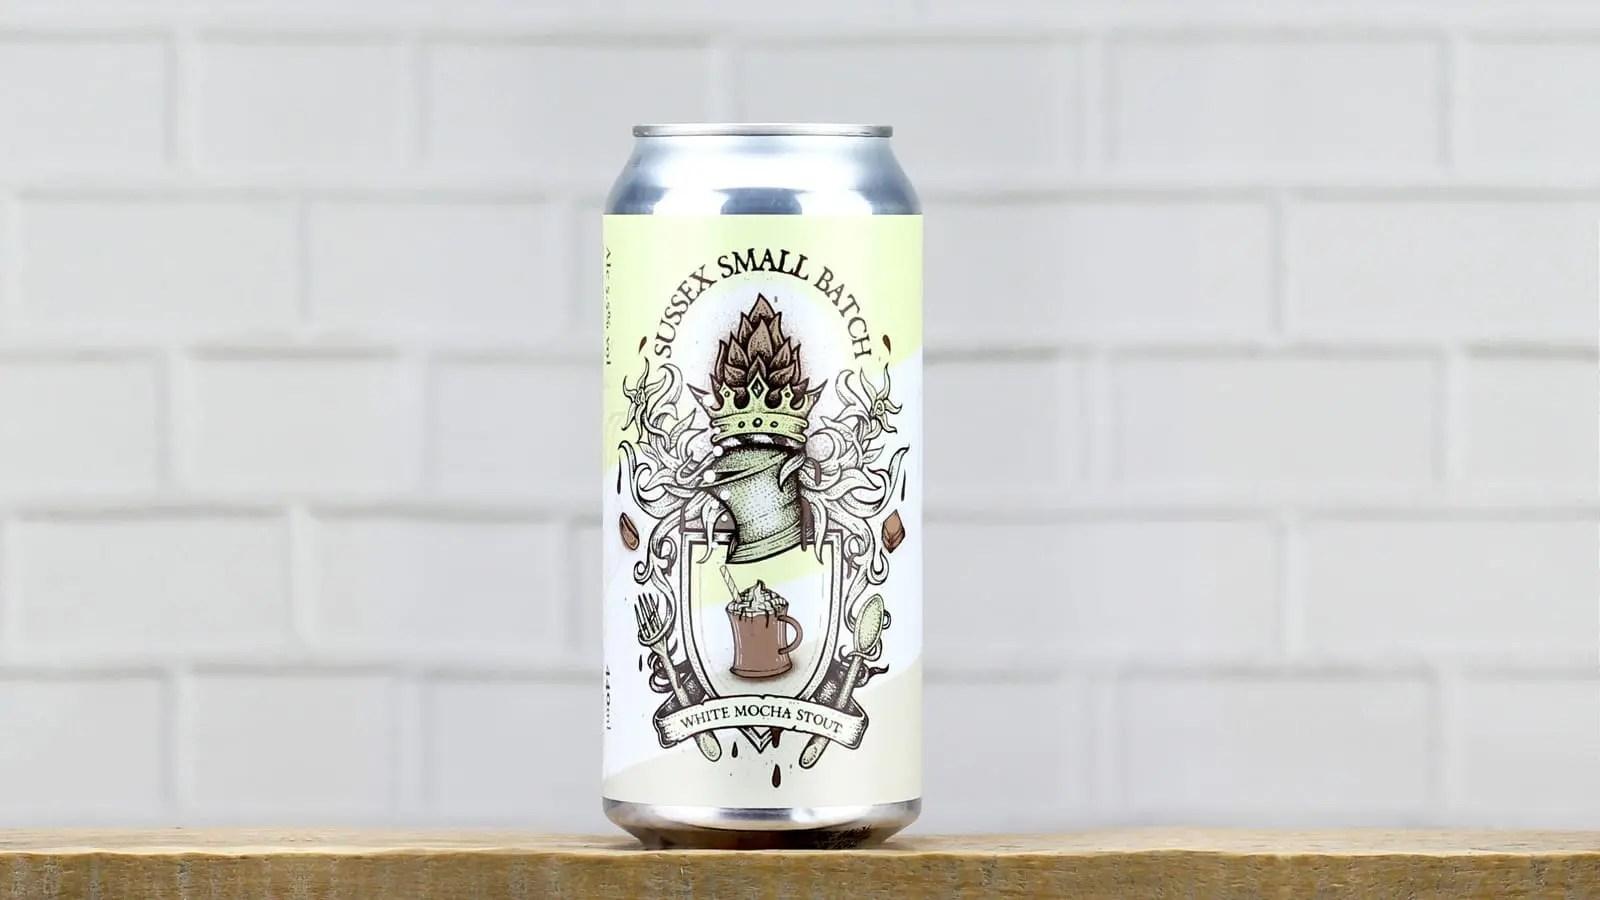 New Beer